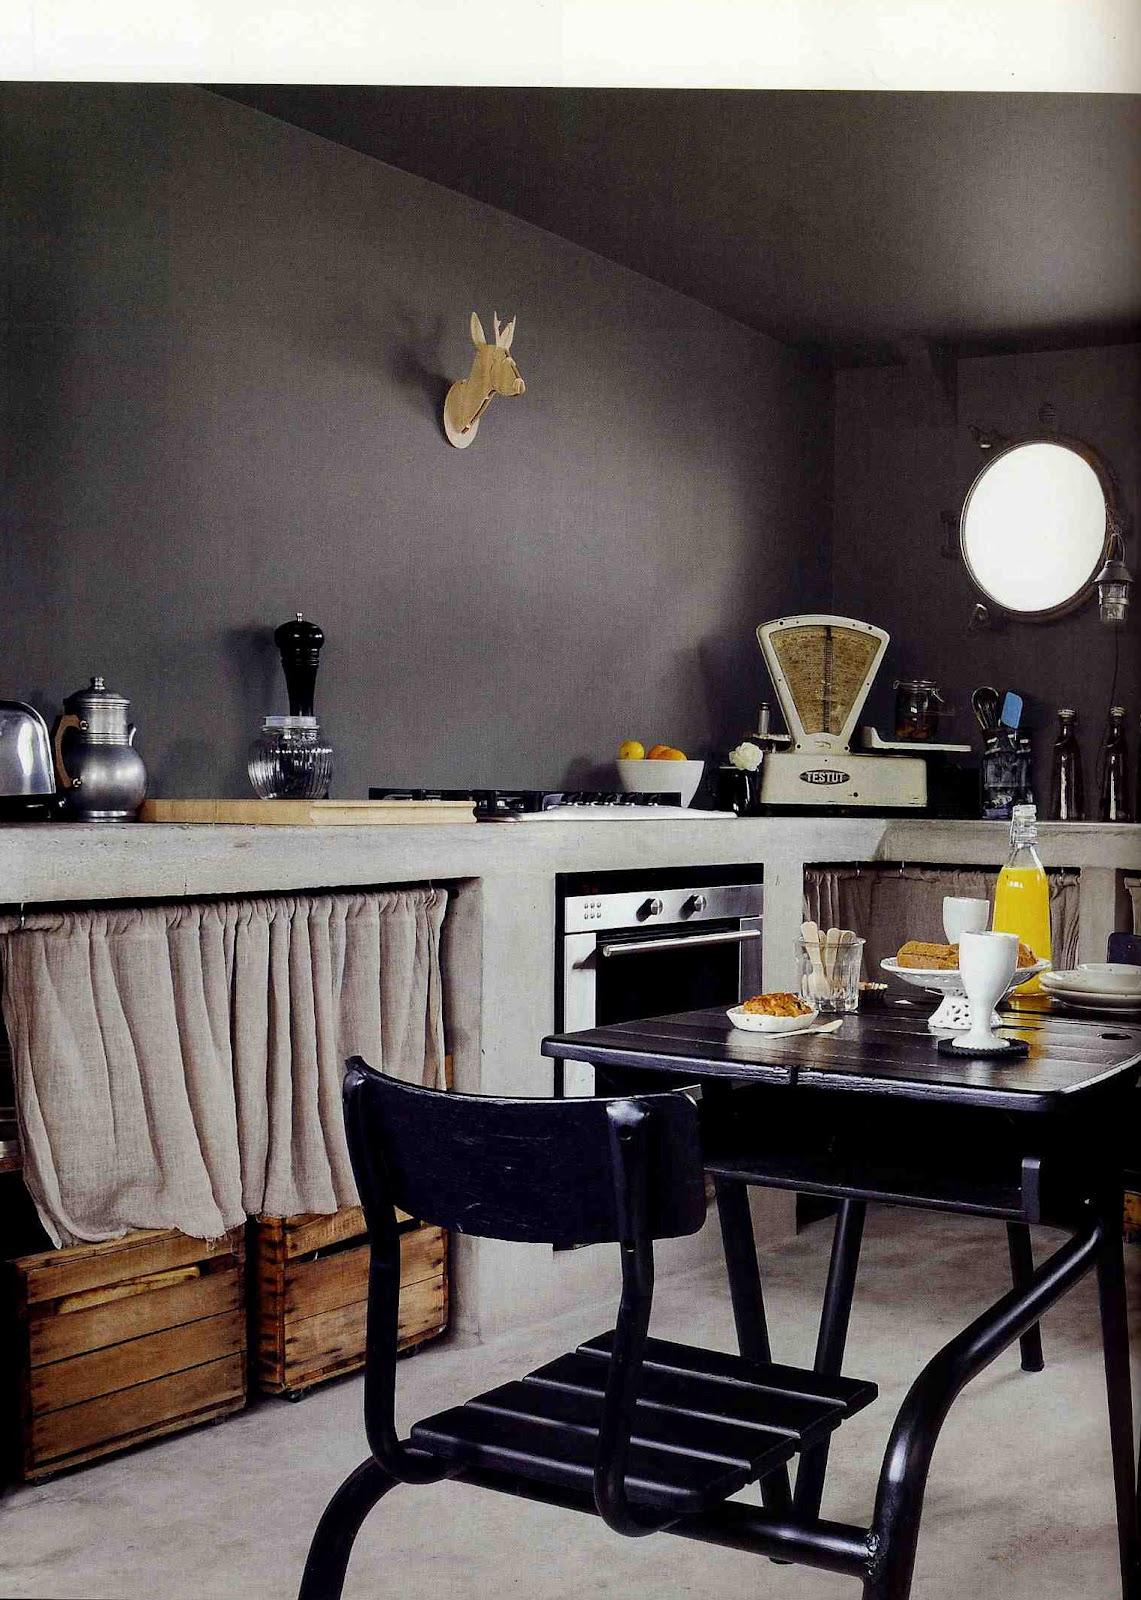 En mi espacio vital muebles recuperados y decoraci n - Muebles de cocina hechos de obra ...